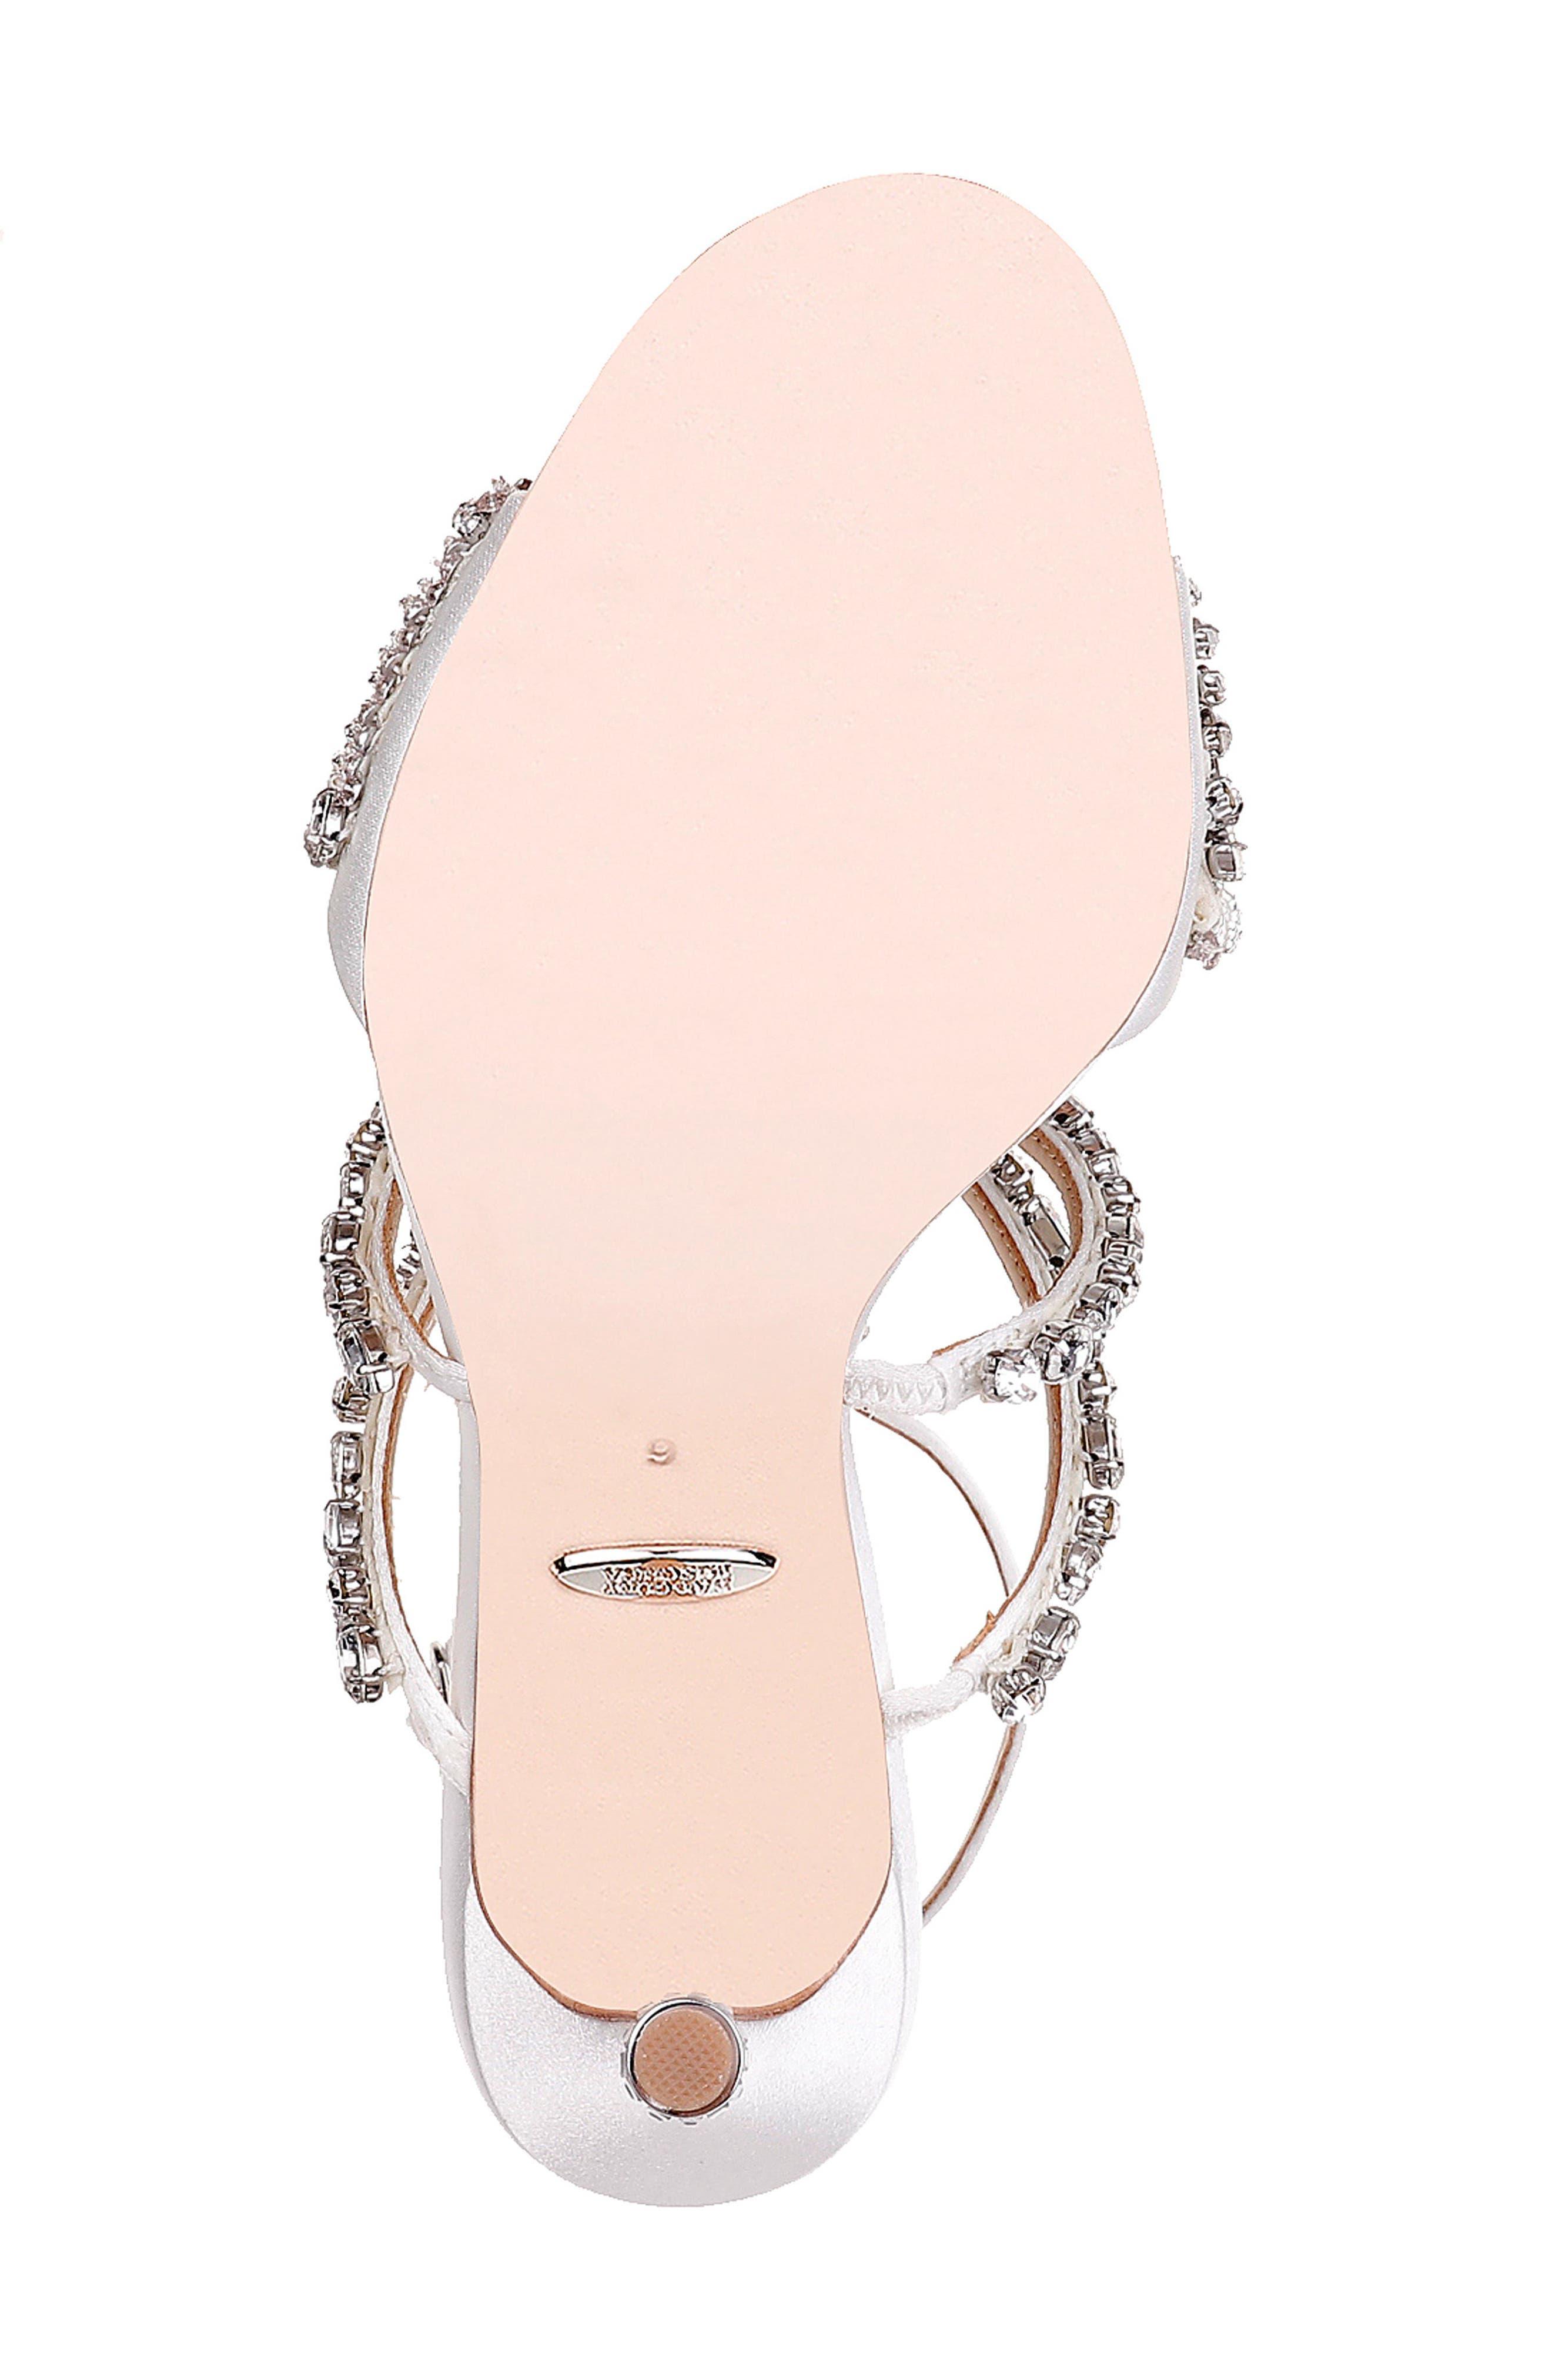 Badgley Mischka Hughes Crystal Embellished Sandal,                             Alternate thumbnail 6, color,                             142